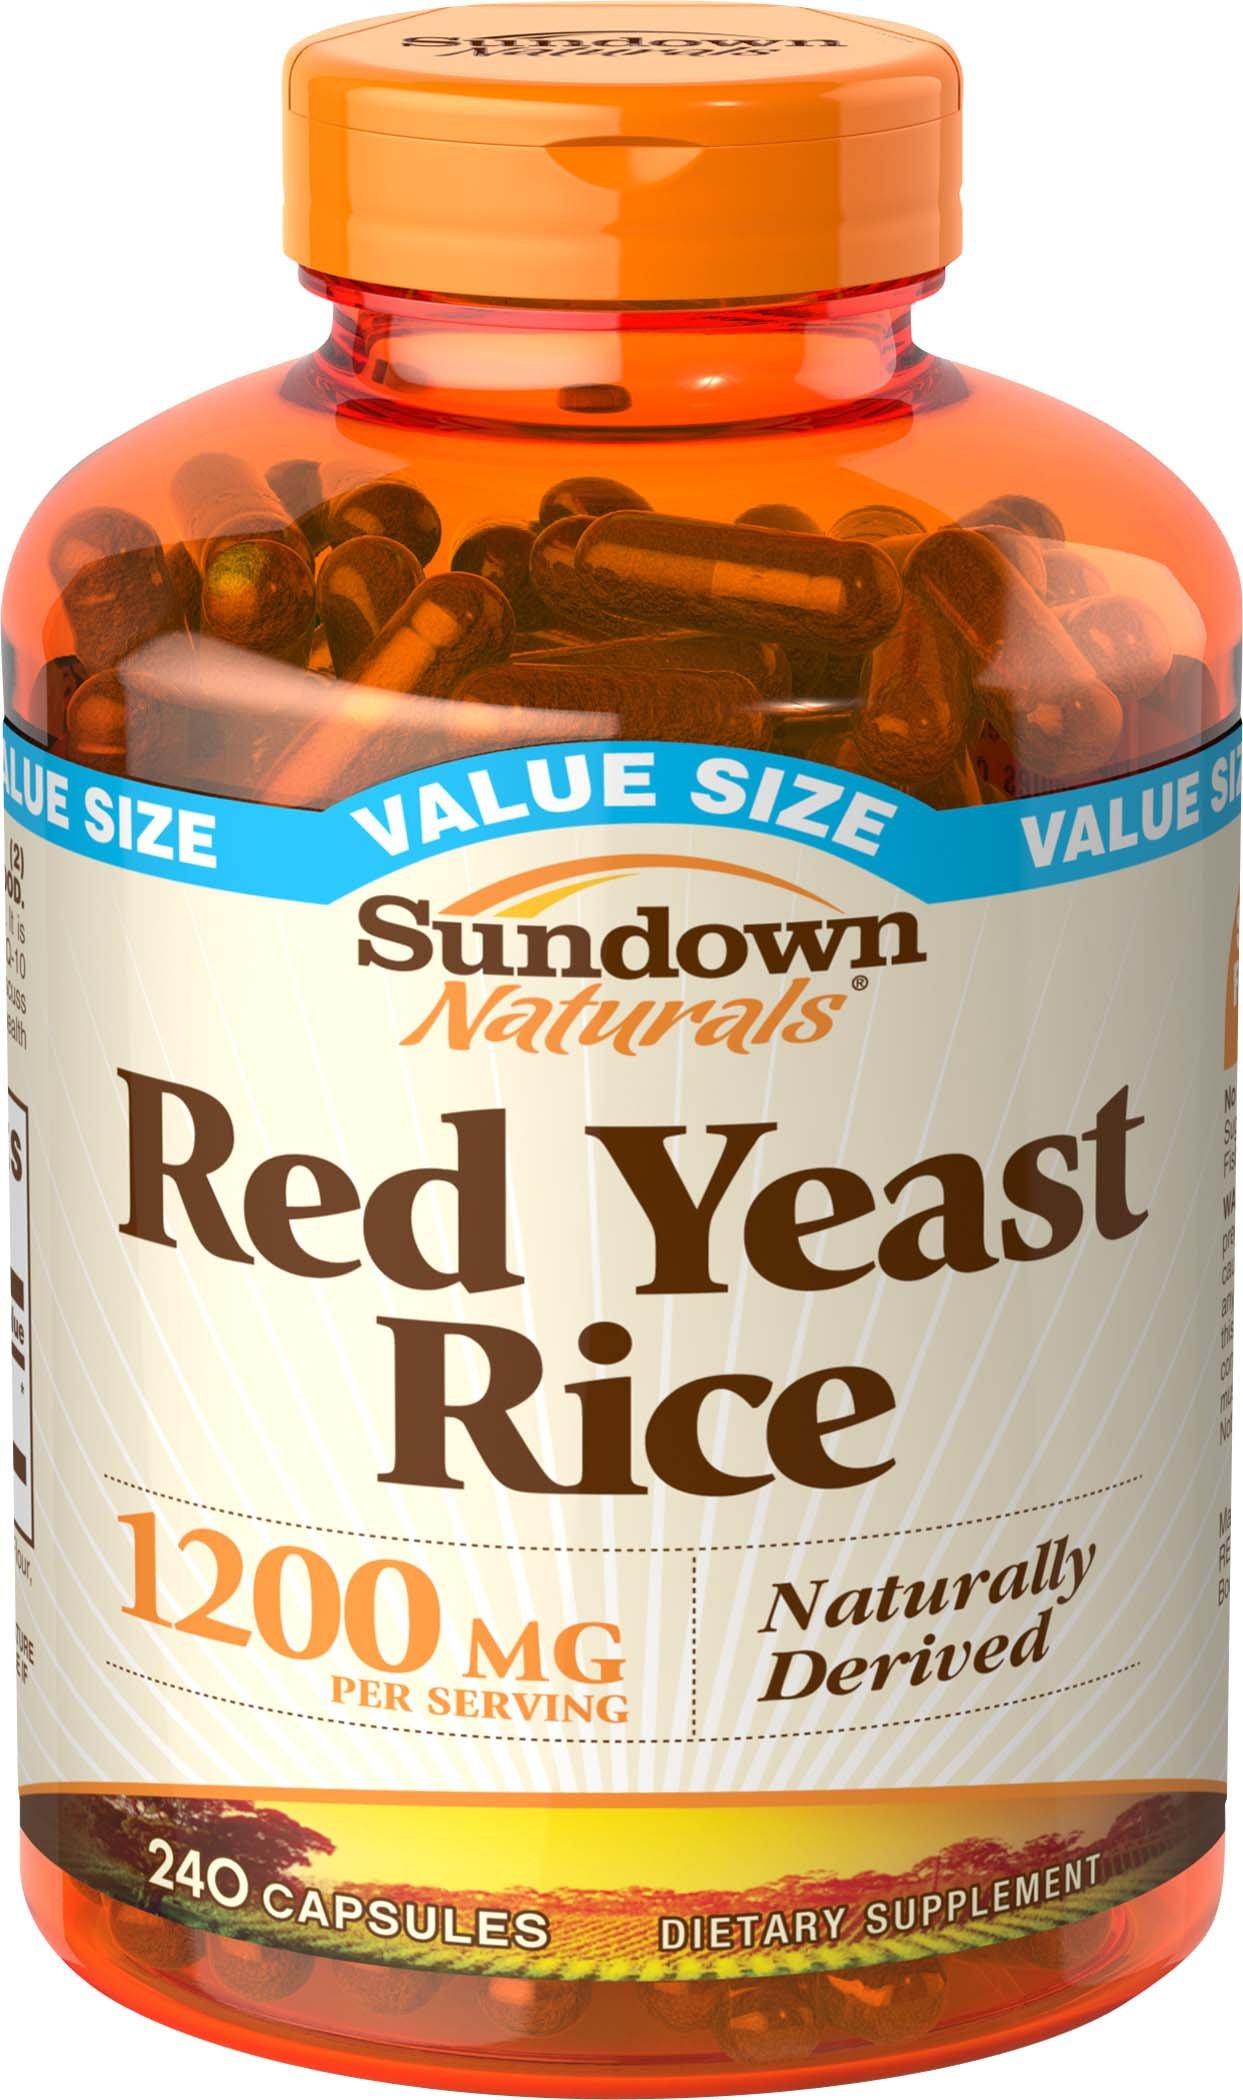 Sundown Naturals Red Yeast Rice 1200 mg 240 Capsules | eBay